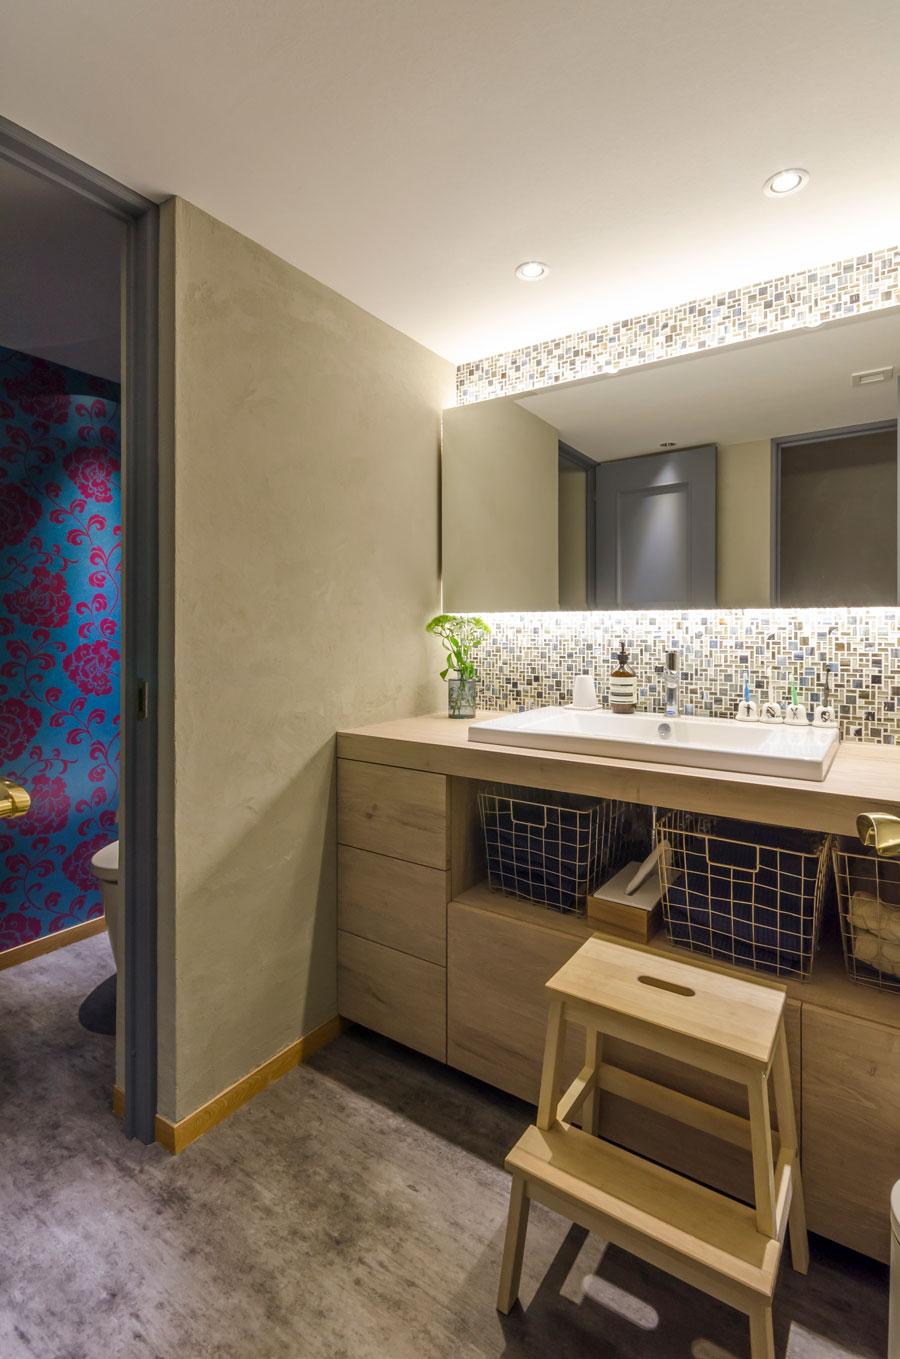 洗面所の床には、摩擦に強い長尺シートを貼った。洗面台も造作。古材とデュラヴィットのシンクの組み合わせが美しい。